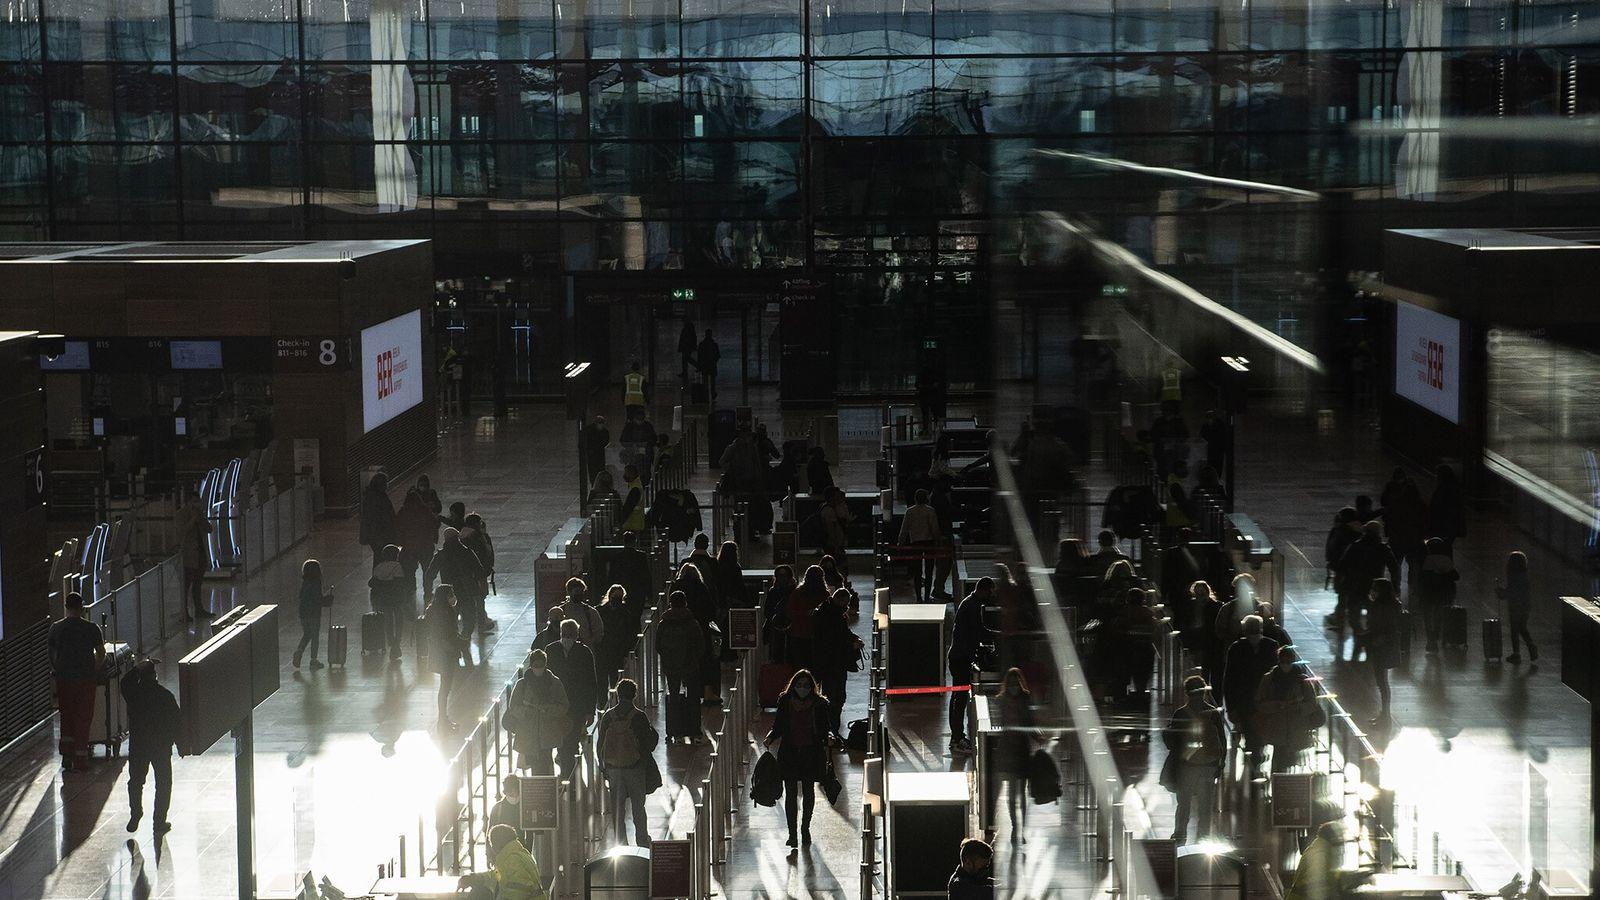 Passageiros na fila para o check-in no Aeroporto Brandenberg de Berlim, no dia 21 de dezembro ...